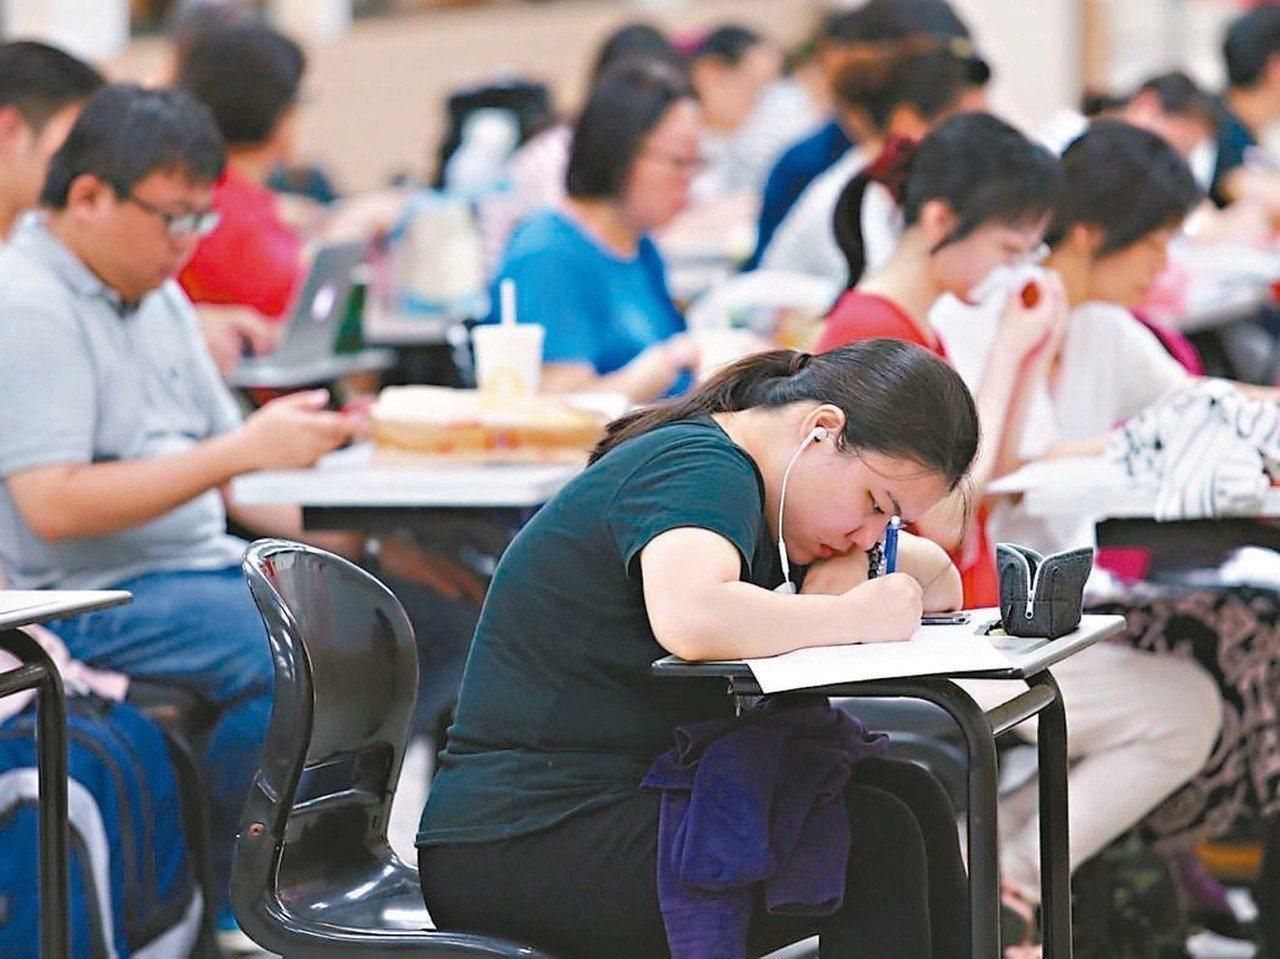 108年高普考將於7月5至9日登場,考試院昨天通過高考三等與普考增列853名需用...